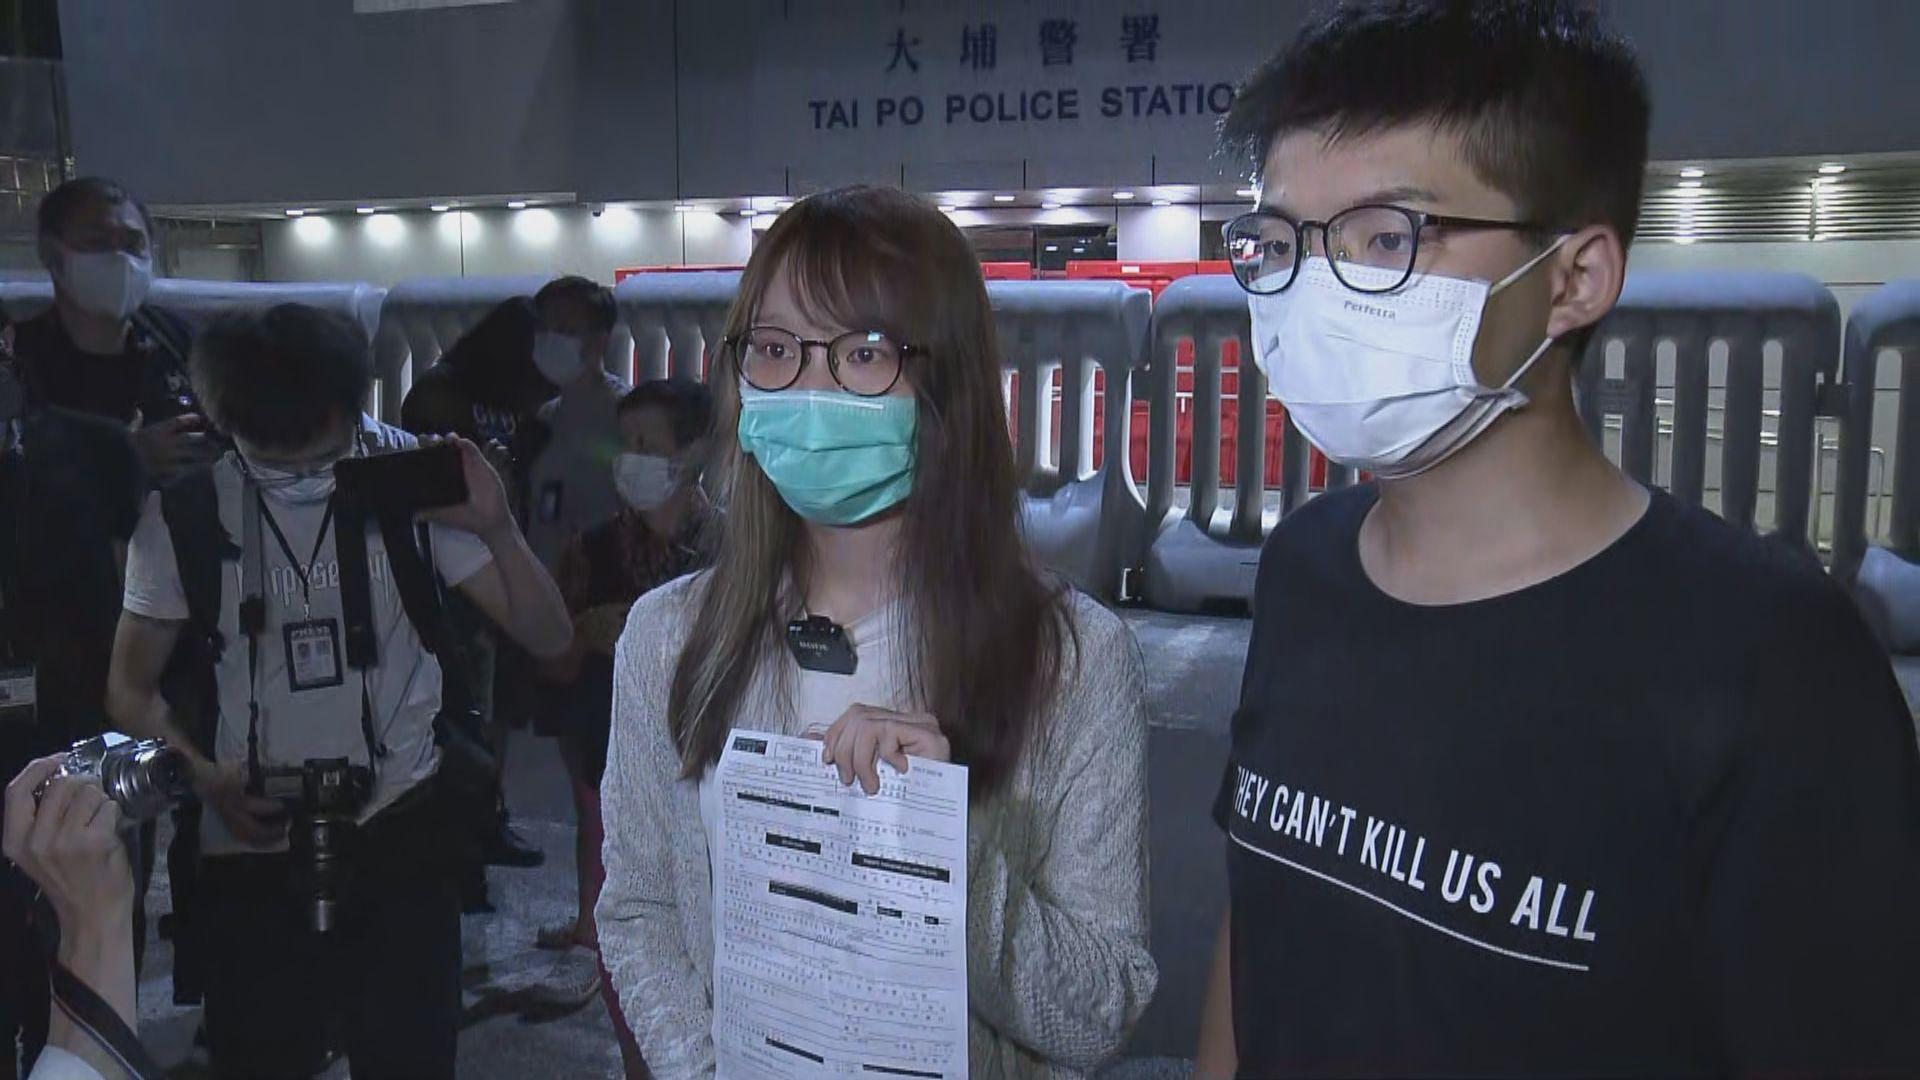 周庭保釋離開大埔警署 形容是多次被捕中最怕的一次